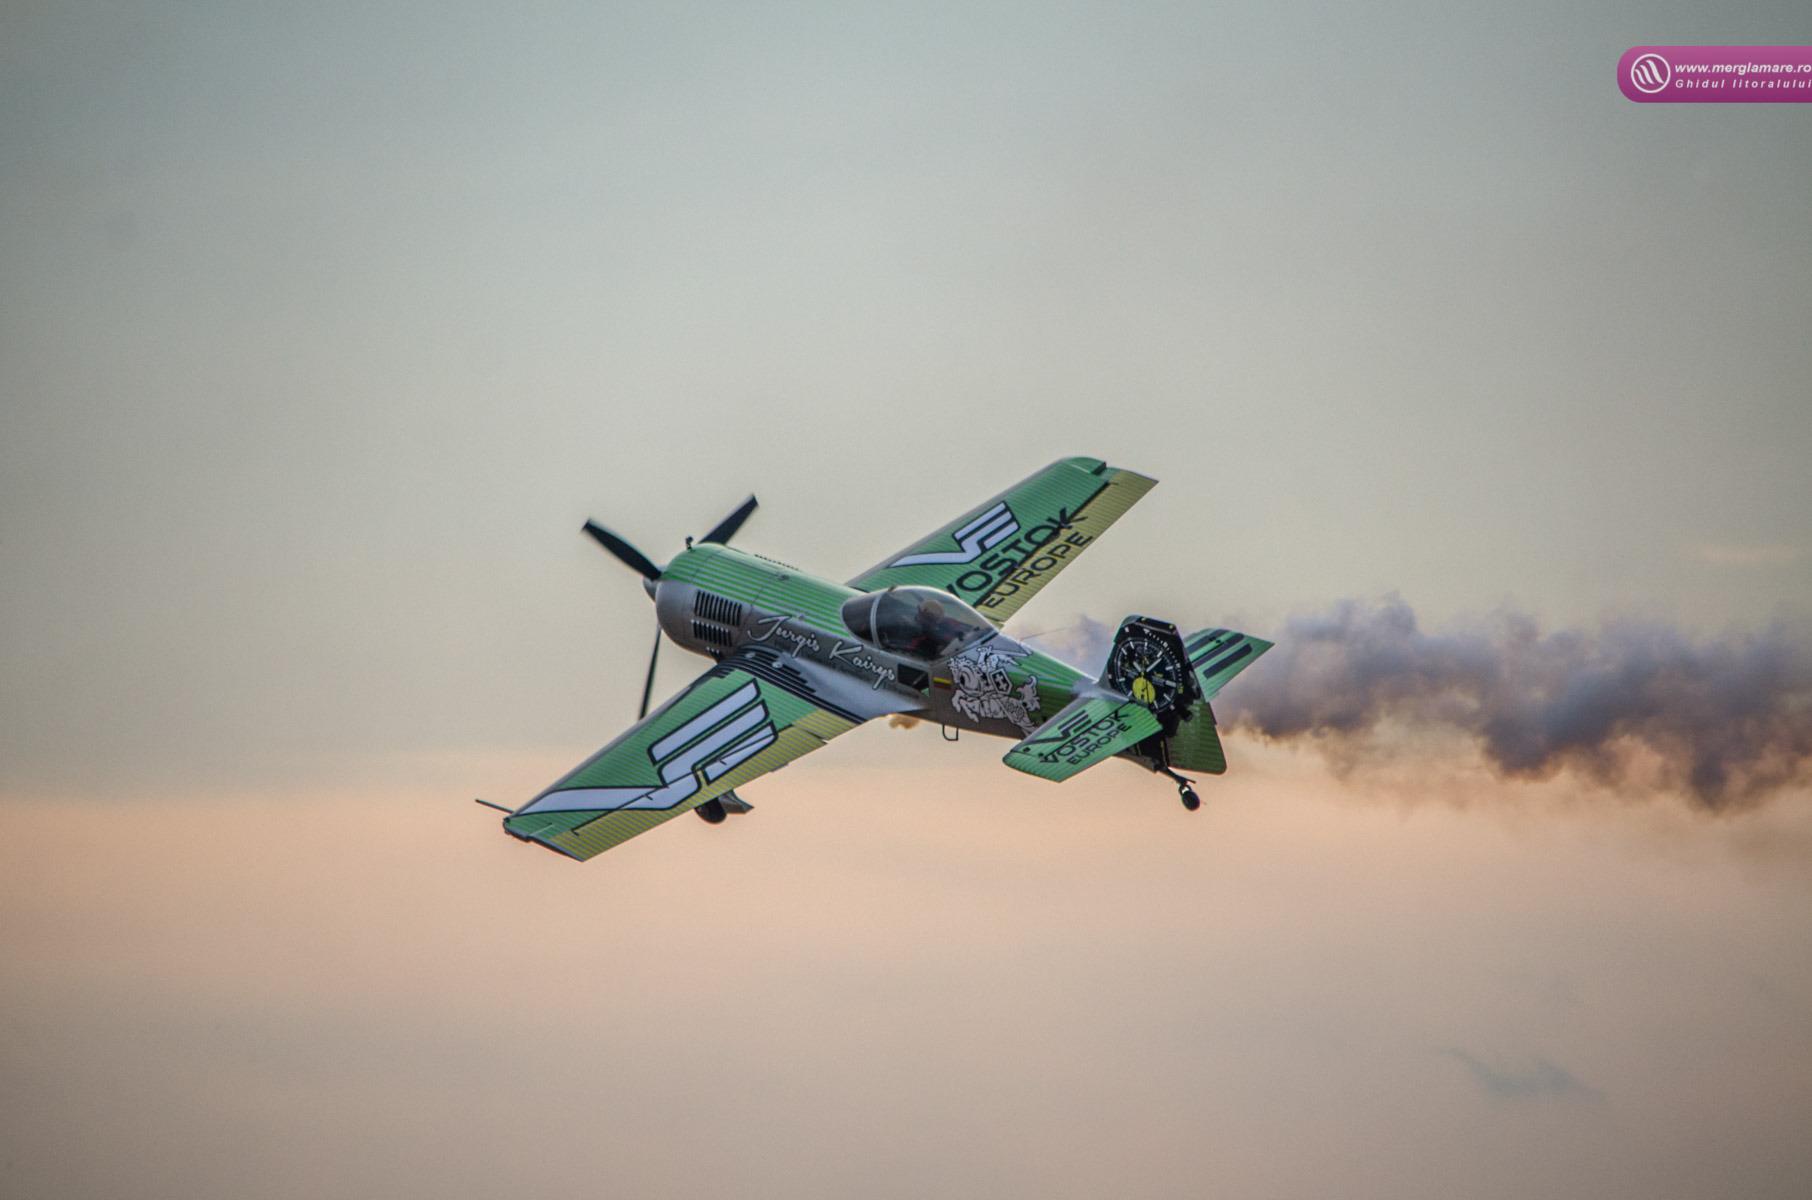 Aeromania 9246